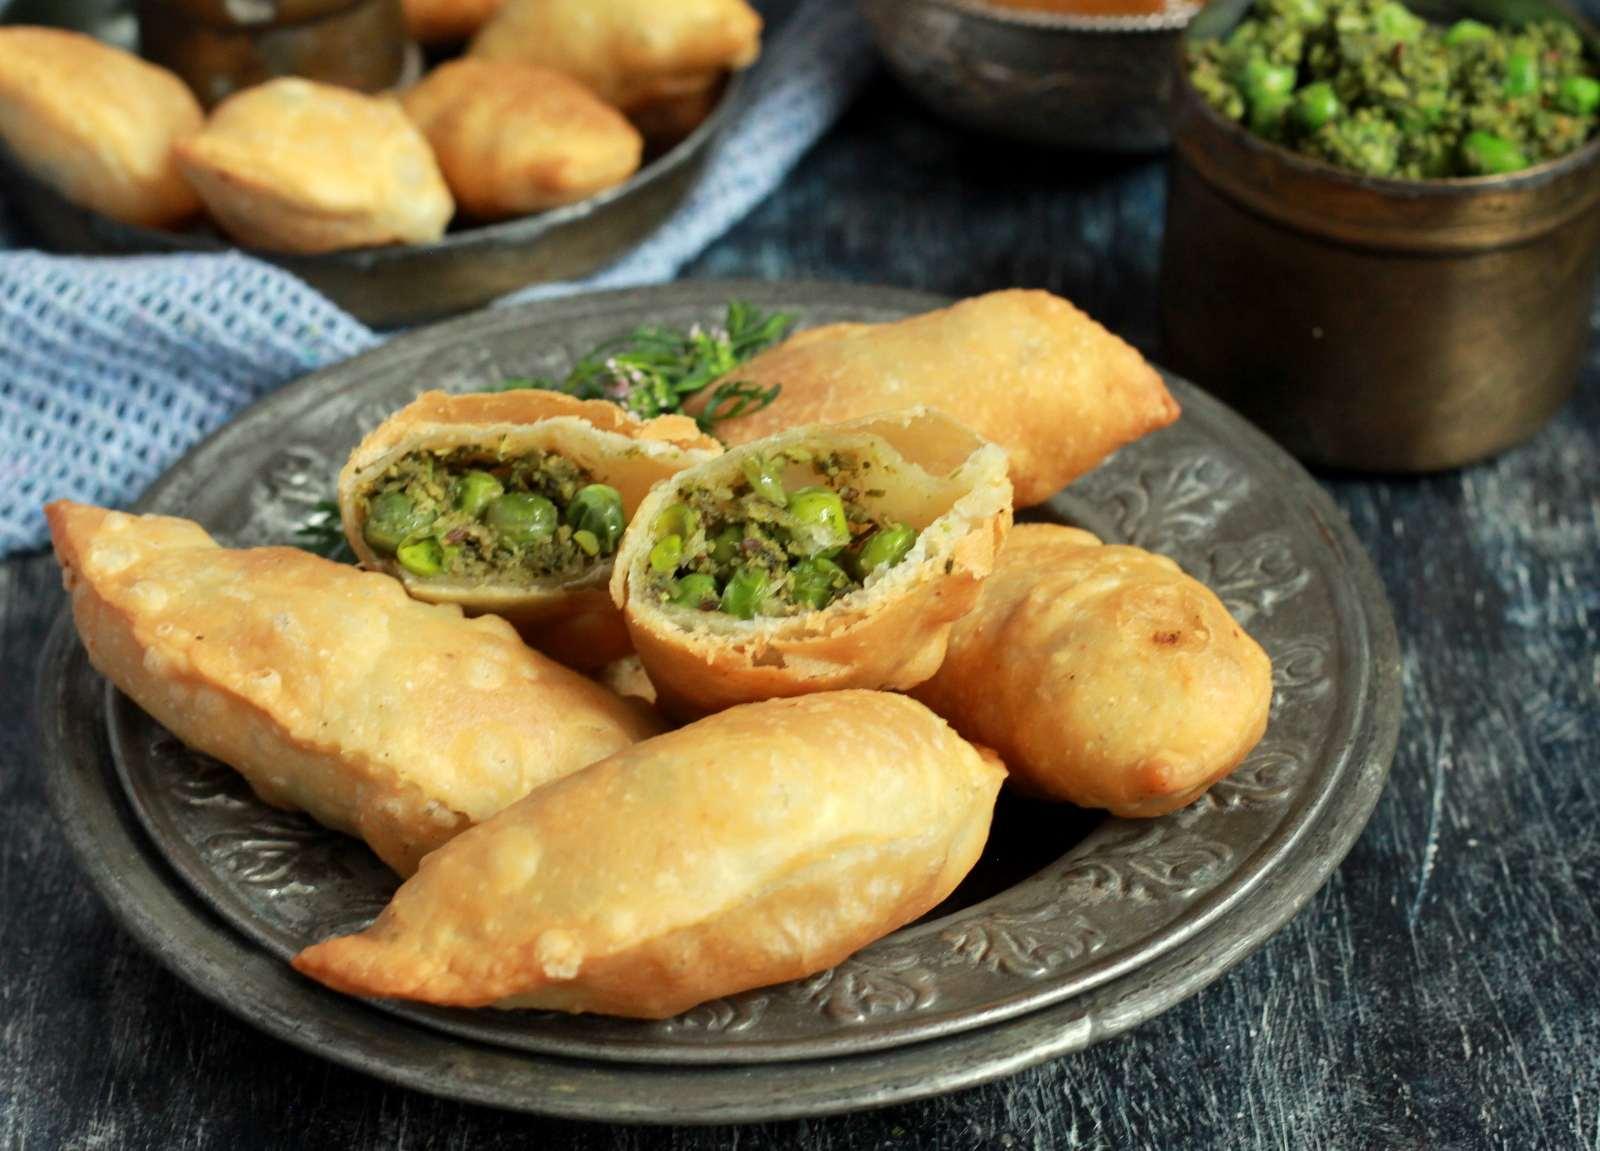 Matar karanji gujiya recipe maharashtrian deep fried savoury matar karanji gujiya recipe maharashtrian deep fried savoury pastry forumfinder Images